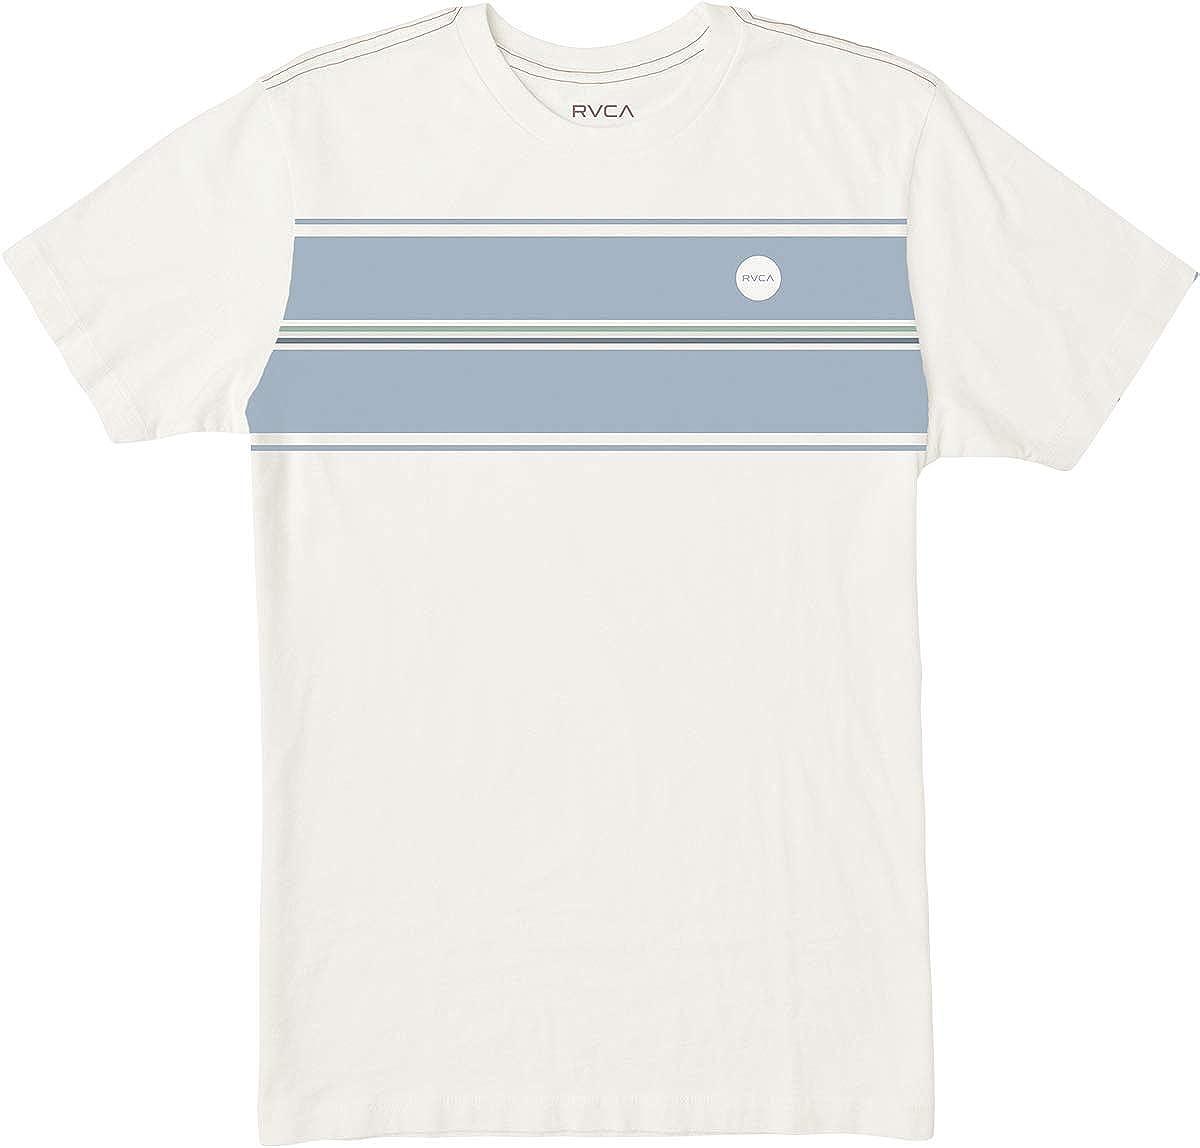 RVCA Hombre M430SRMO Manga Corta Camiseta: Amazon.es: Ropa y accesorios